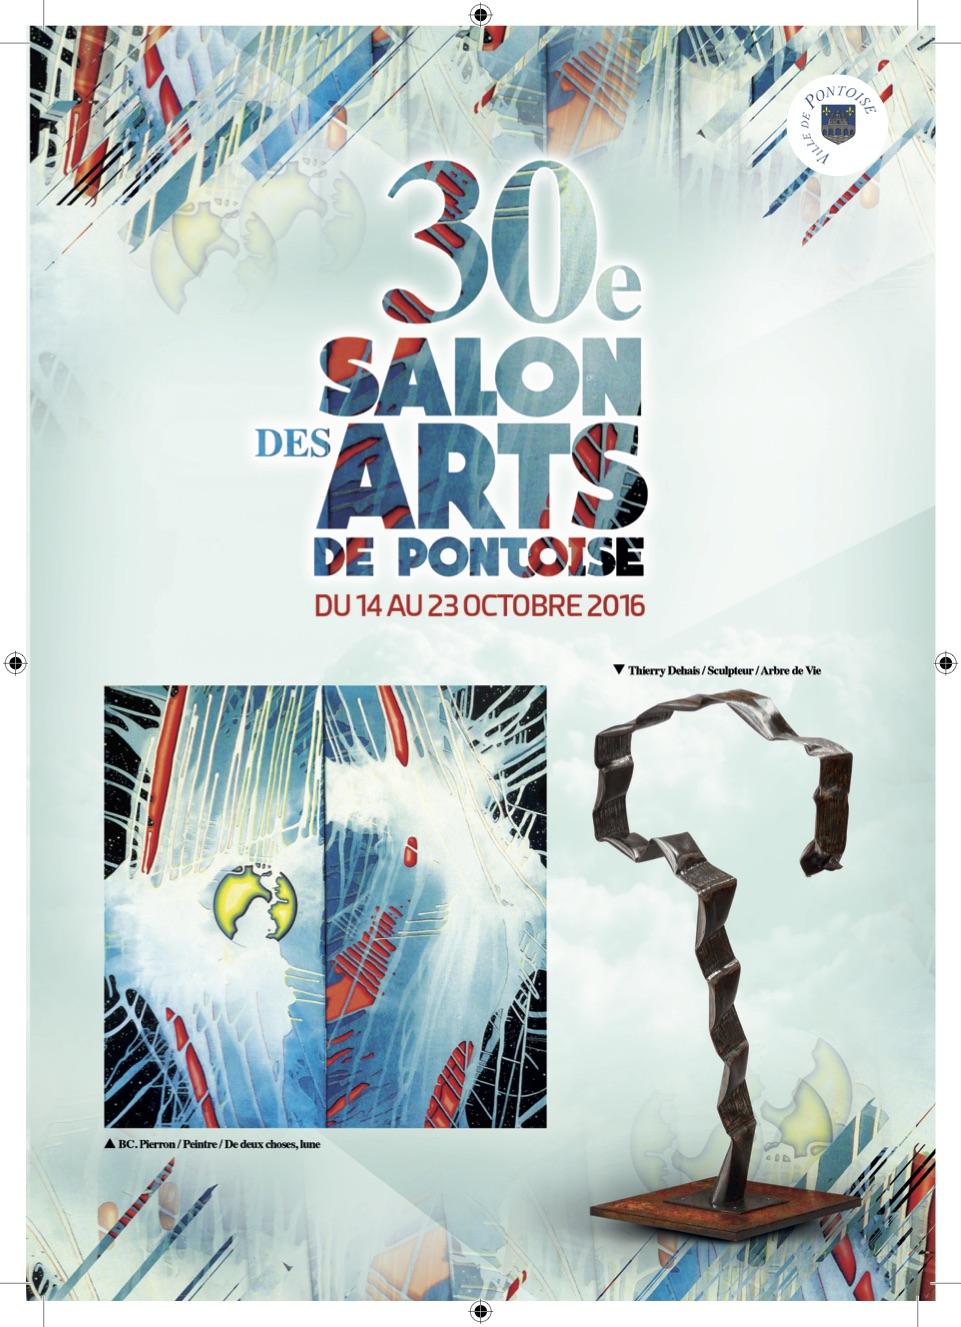 C a p t o n - Salon des arts nancy ...